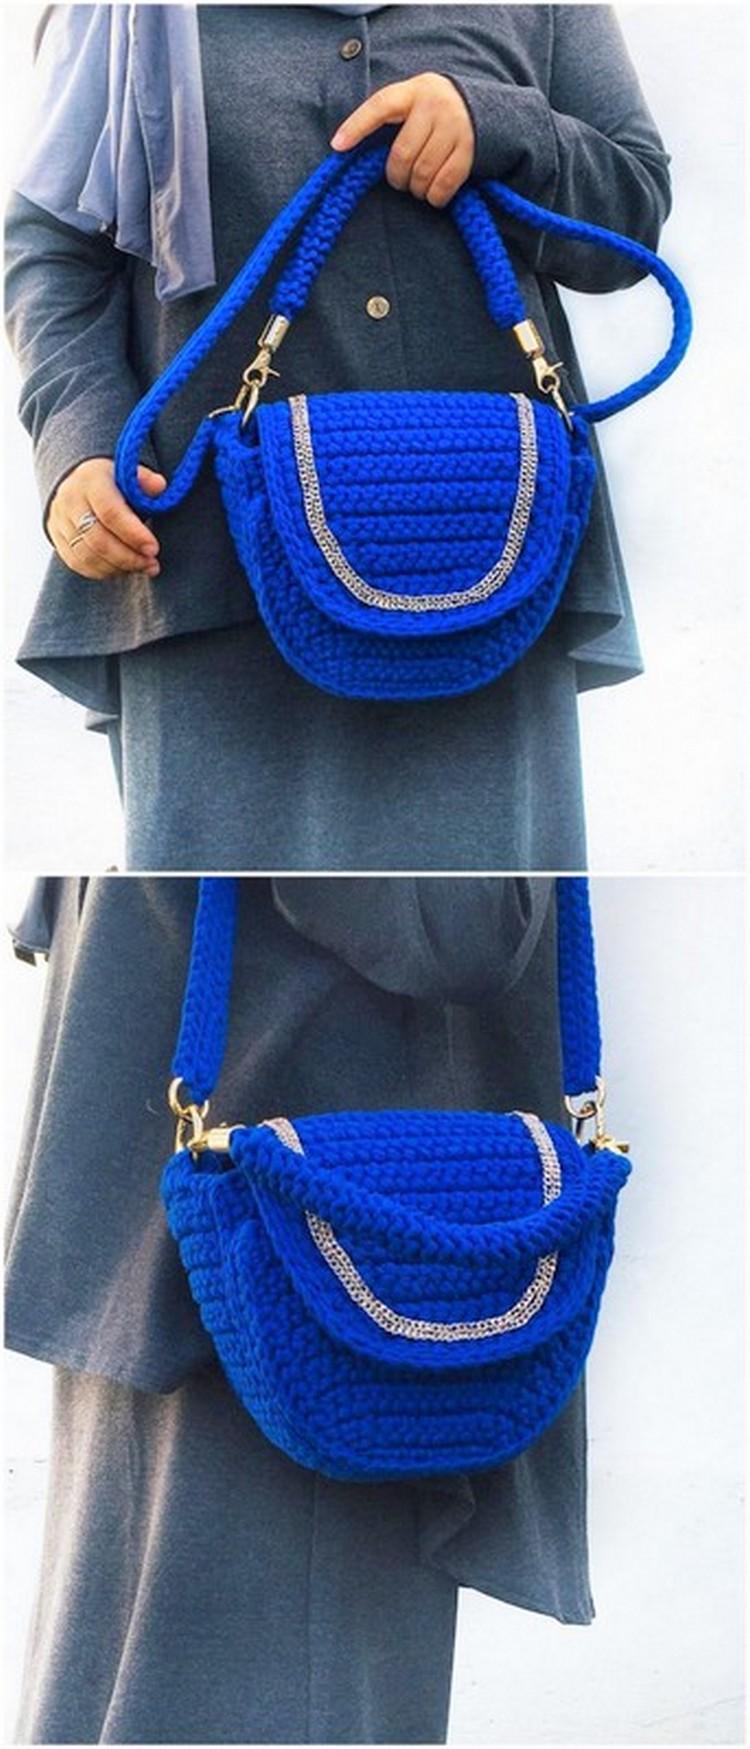 Blue handbag Free Crochet Pattern